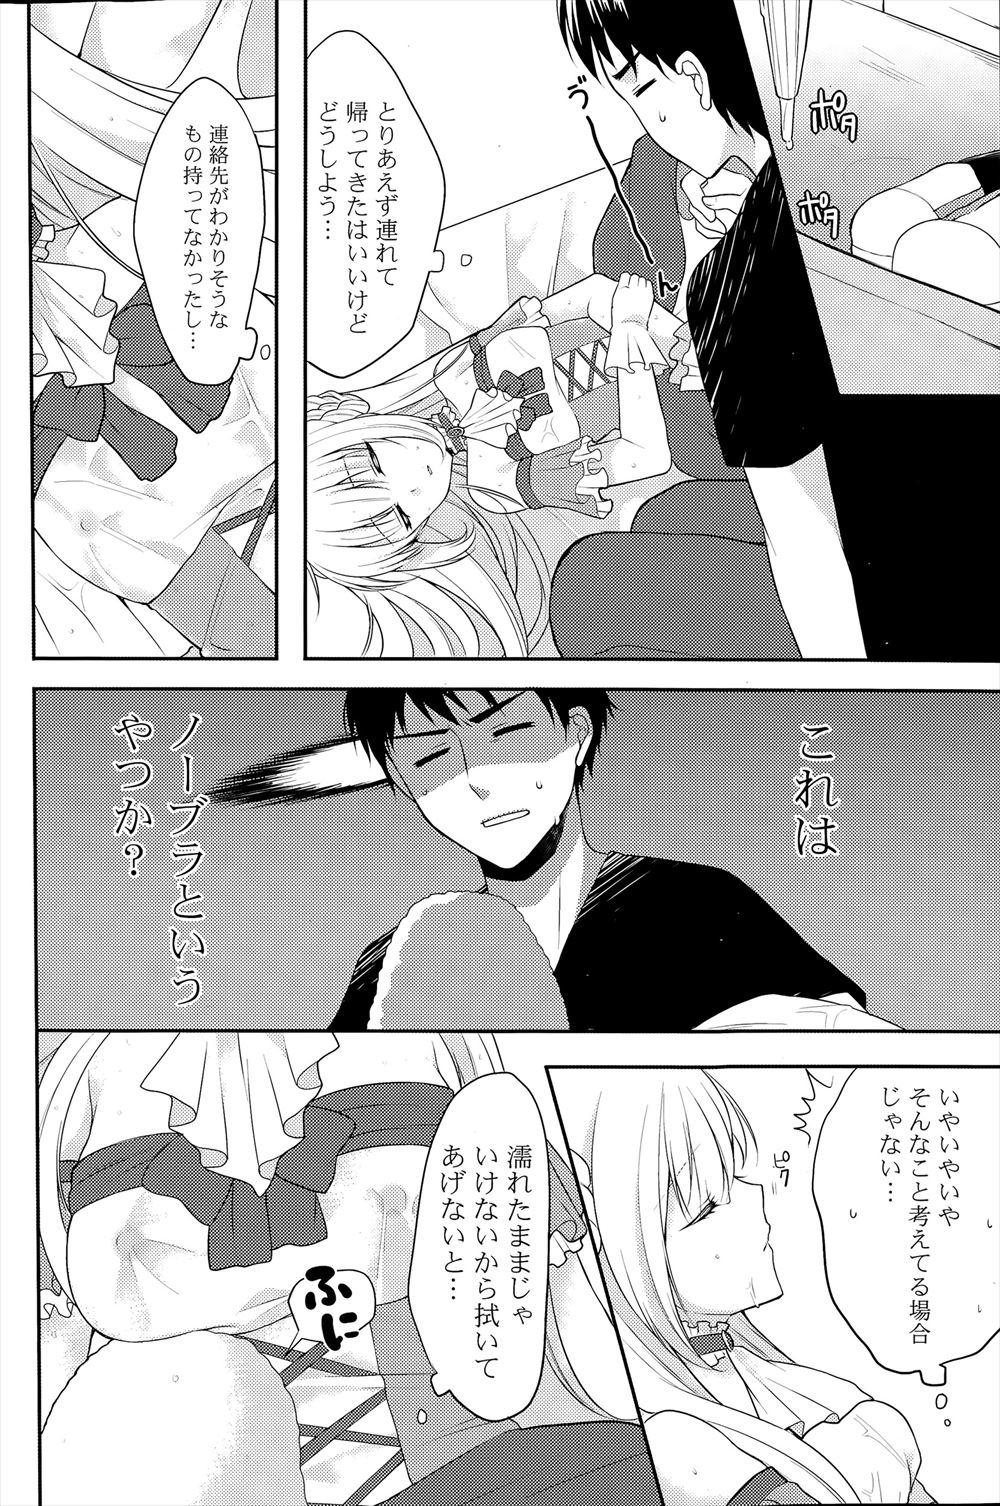 【エロ漫画】バイト帰りに道端で倒れていた美少女を助けたが某国のお姫様で、しかも一目惚れされて求婚された件!